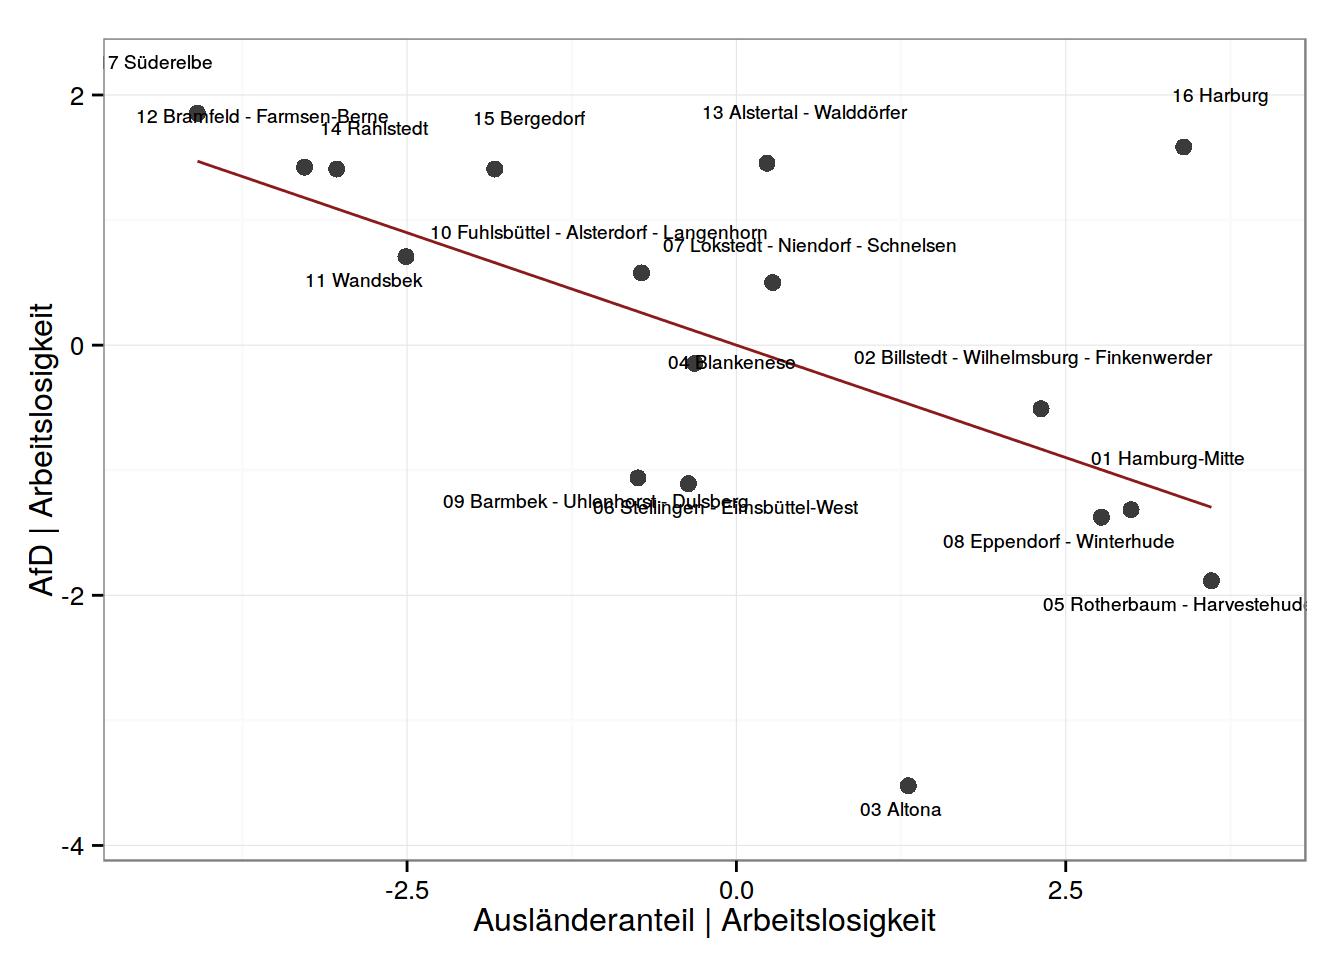 Partieller Regressionsplots: AfD-Stimmanteil und Ausländeranteil unter Kontrolle für Arbeitslosenrate.